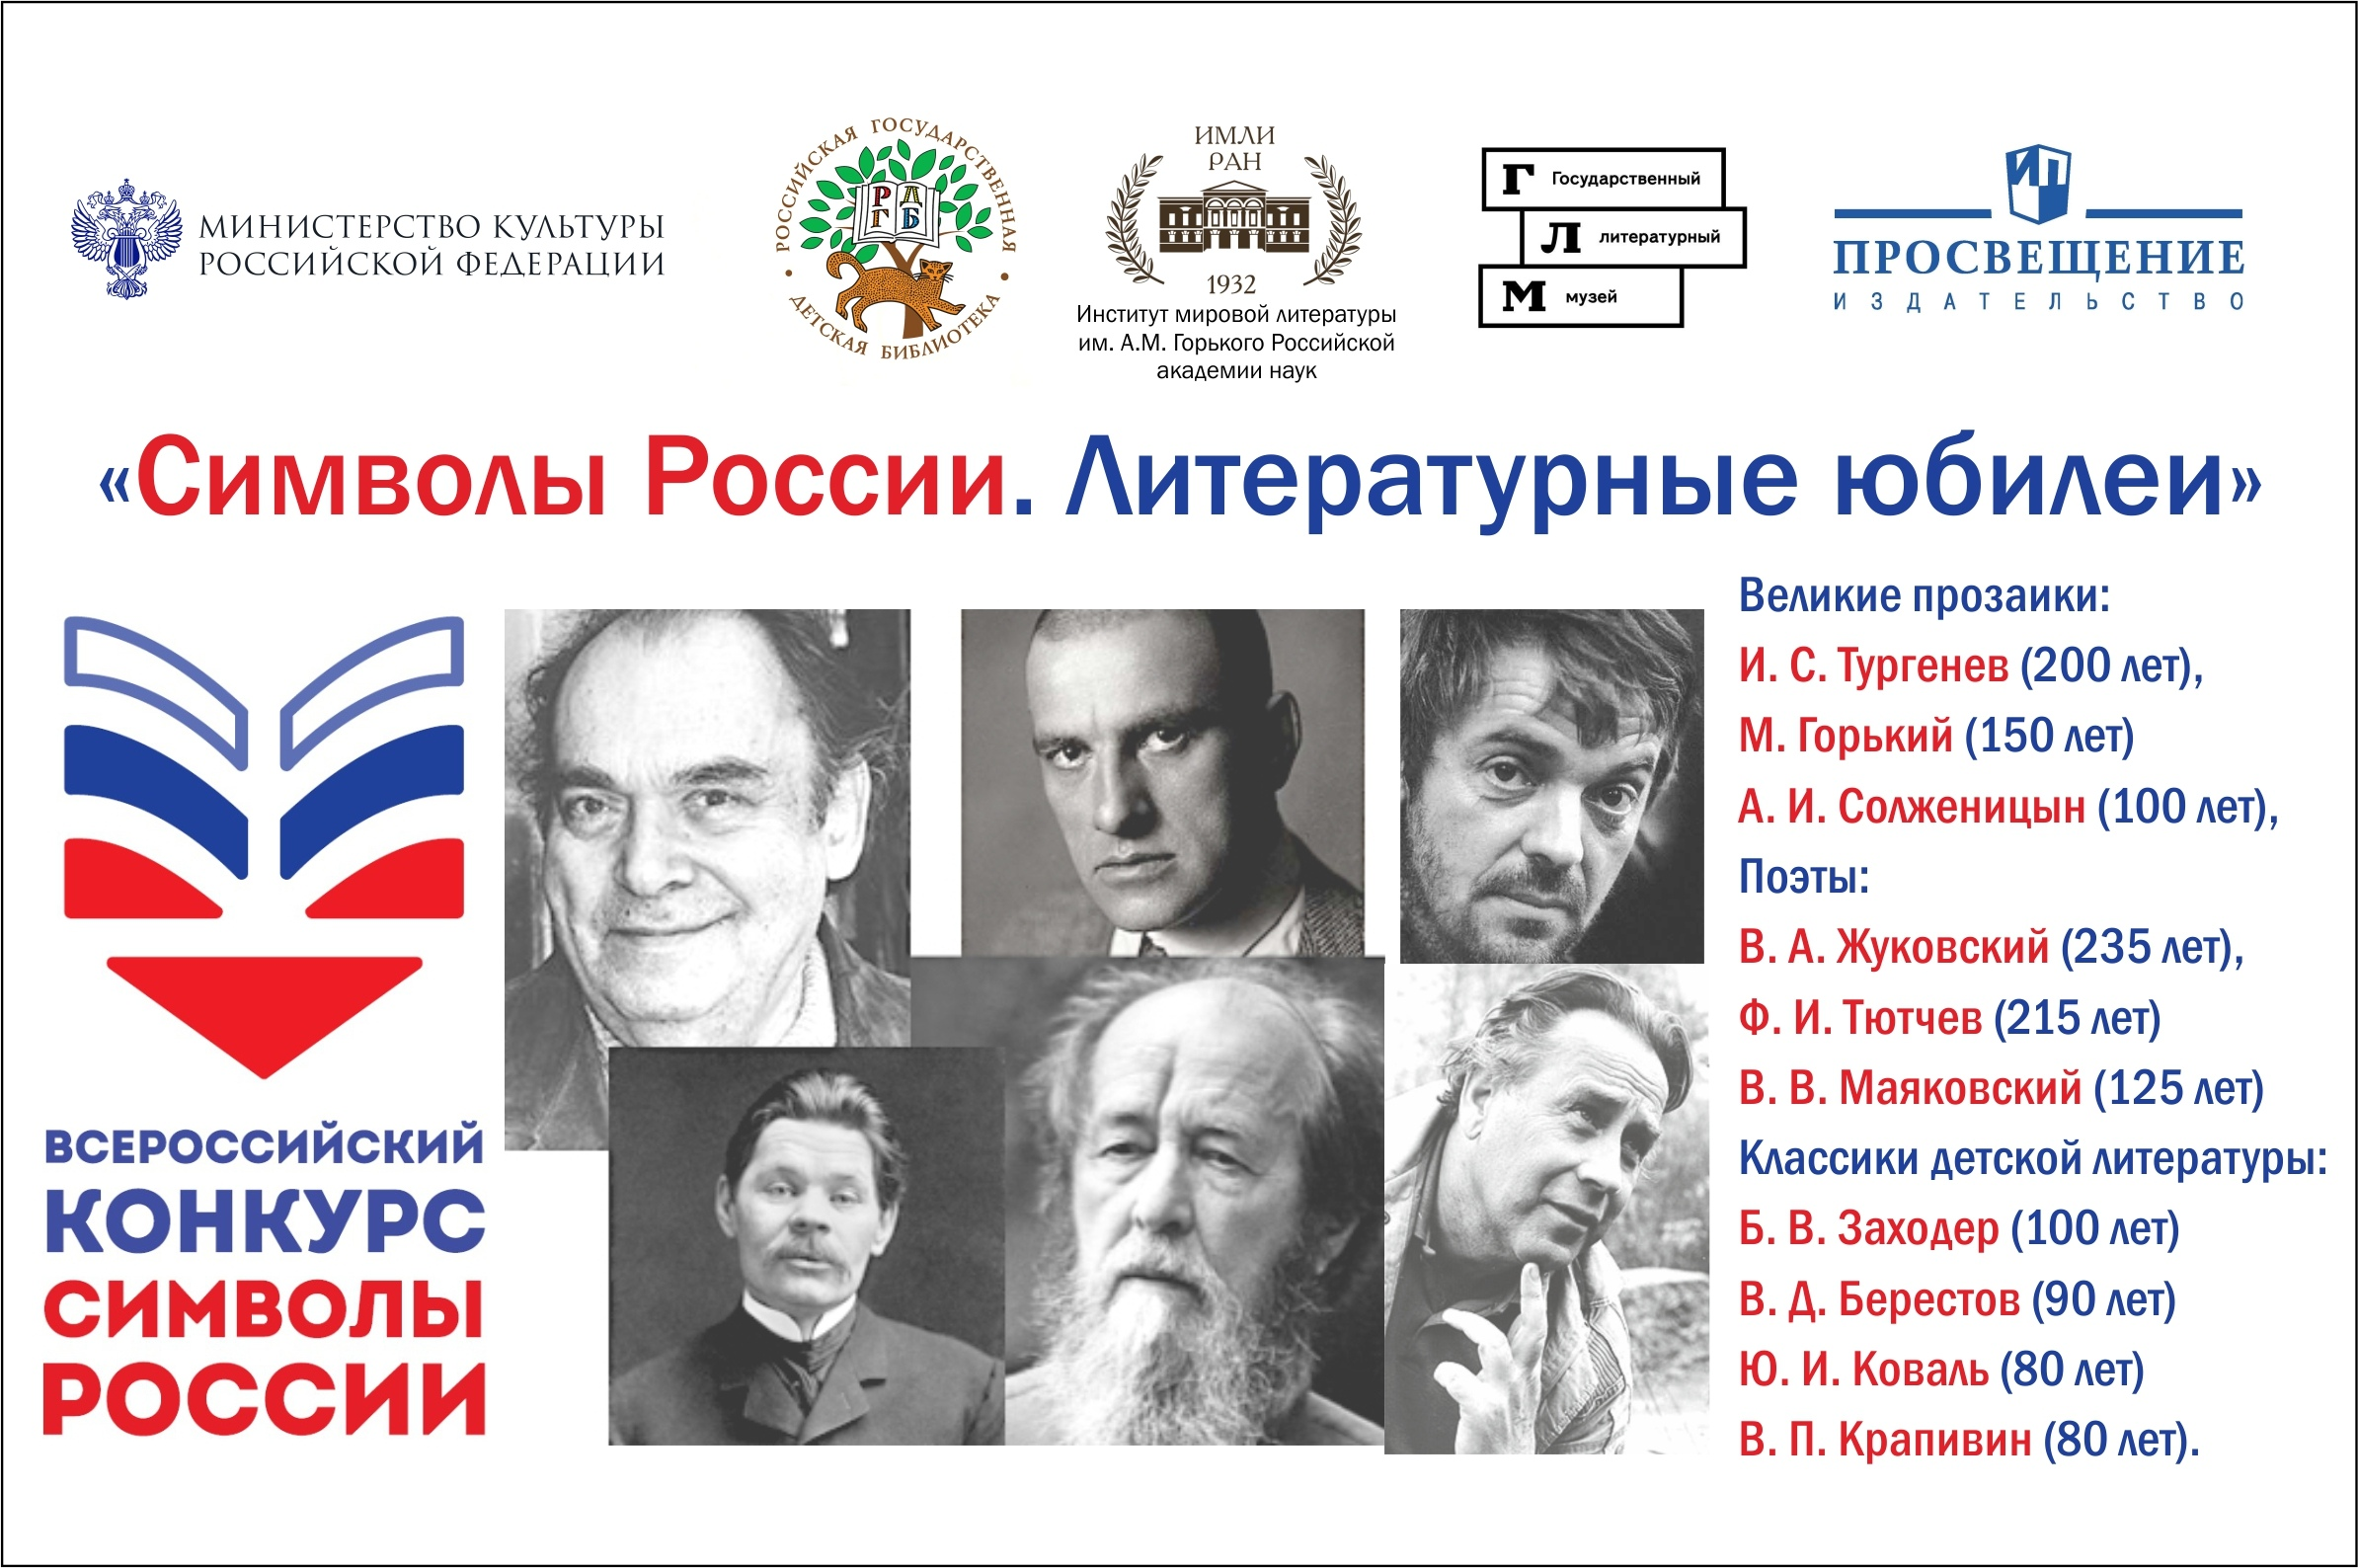 Всероссийский конкурс «Символы России. Литературные юбилеи»